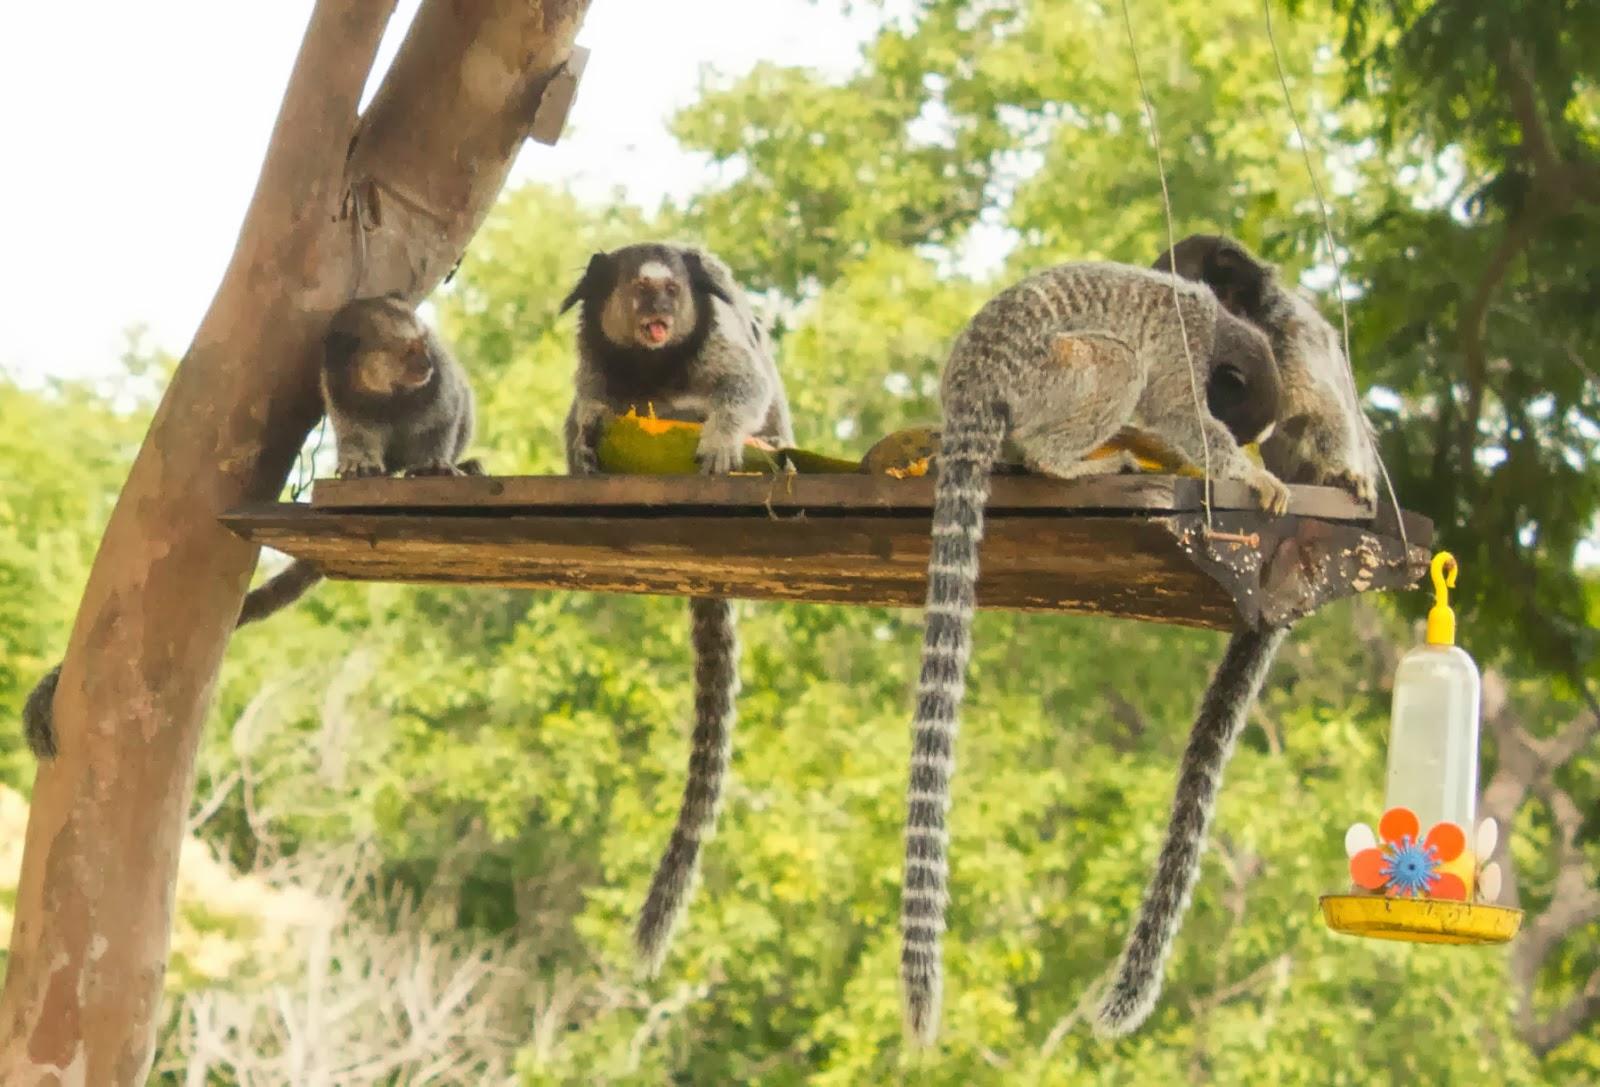 Os miquinhos se deliciando ao lado da casa - Fotografia de Jéssica Guedes - Copyright © 2014 (C) – Todos os Direitos Reservados